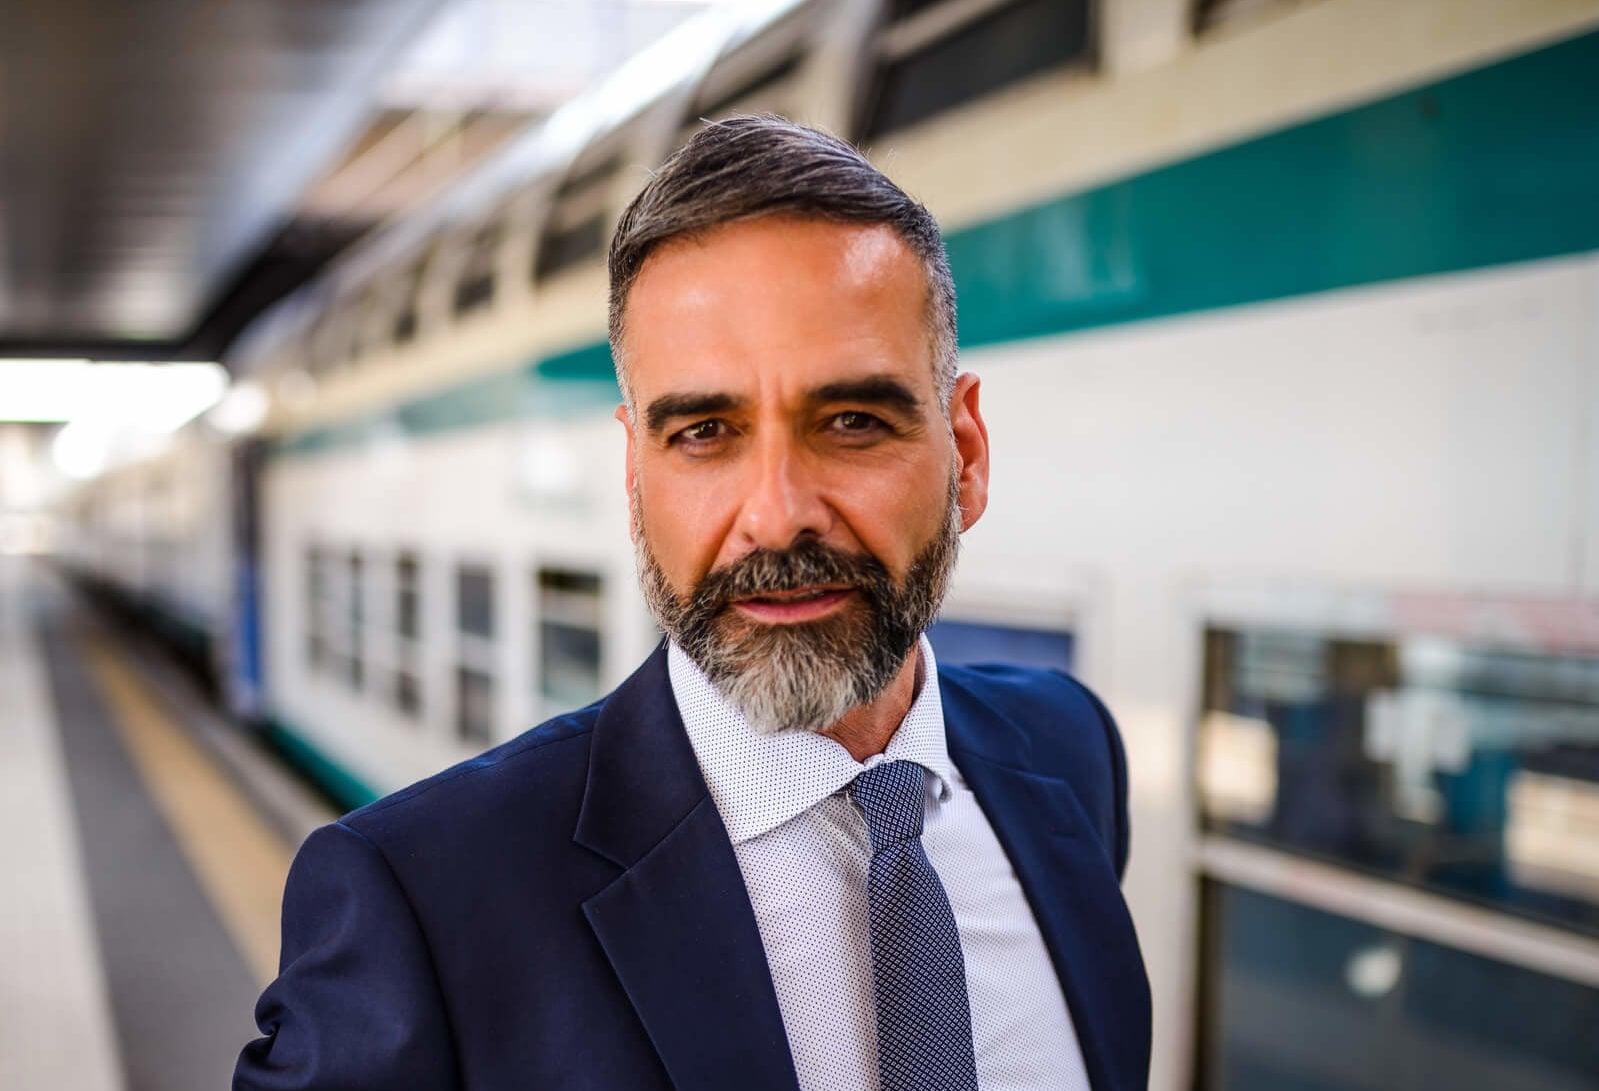 5 Cortes De Pelo Para Hombres Mayores De 50 Años